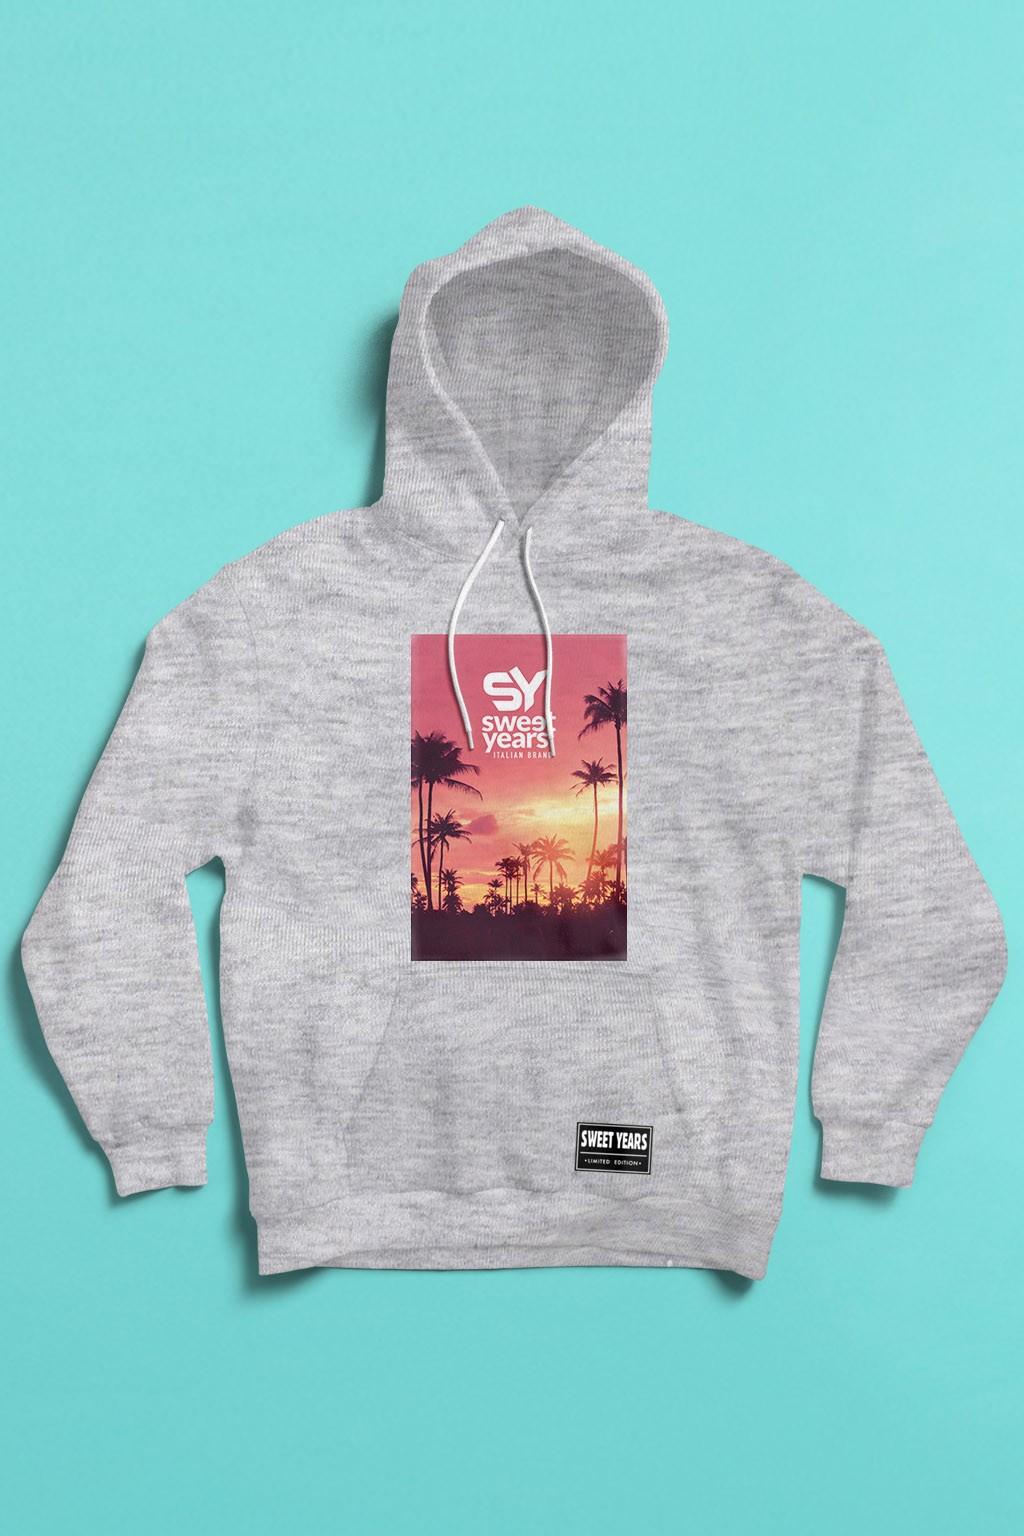 felpa con cappuccio Sweet Years da donna con grande stampa multicolor di un tramonto in rosa con palme sullo sfondo.